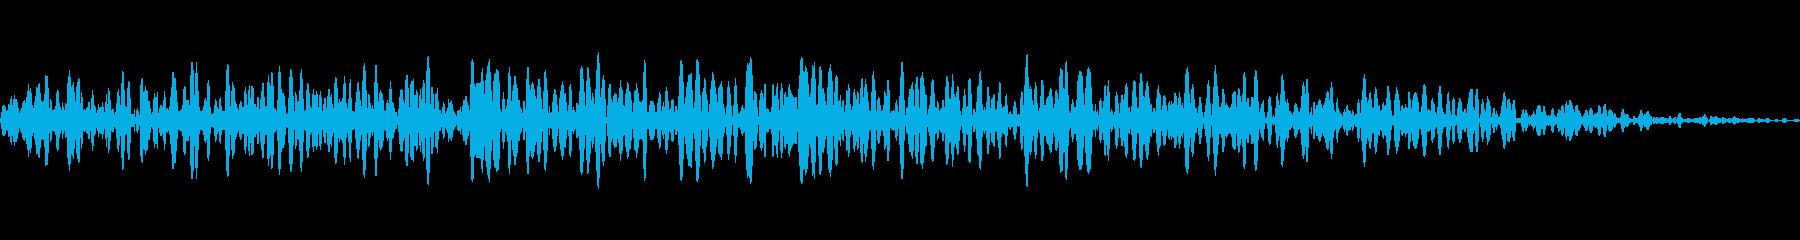 スモールスペースロケット:クイック...の再生済みの波形